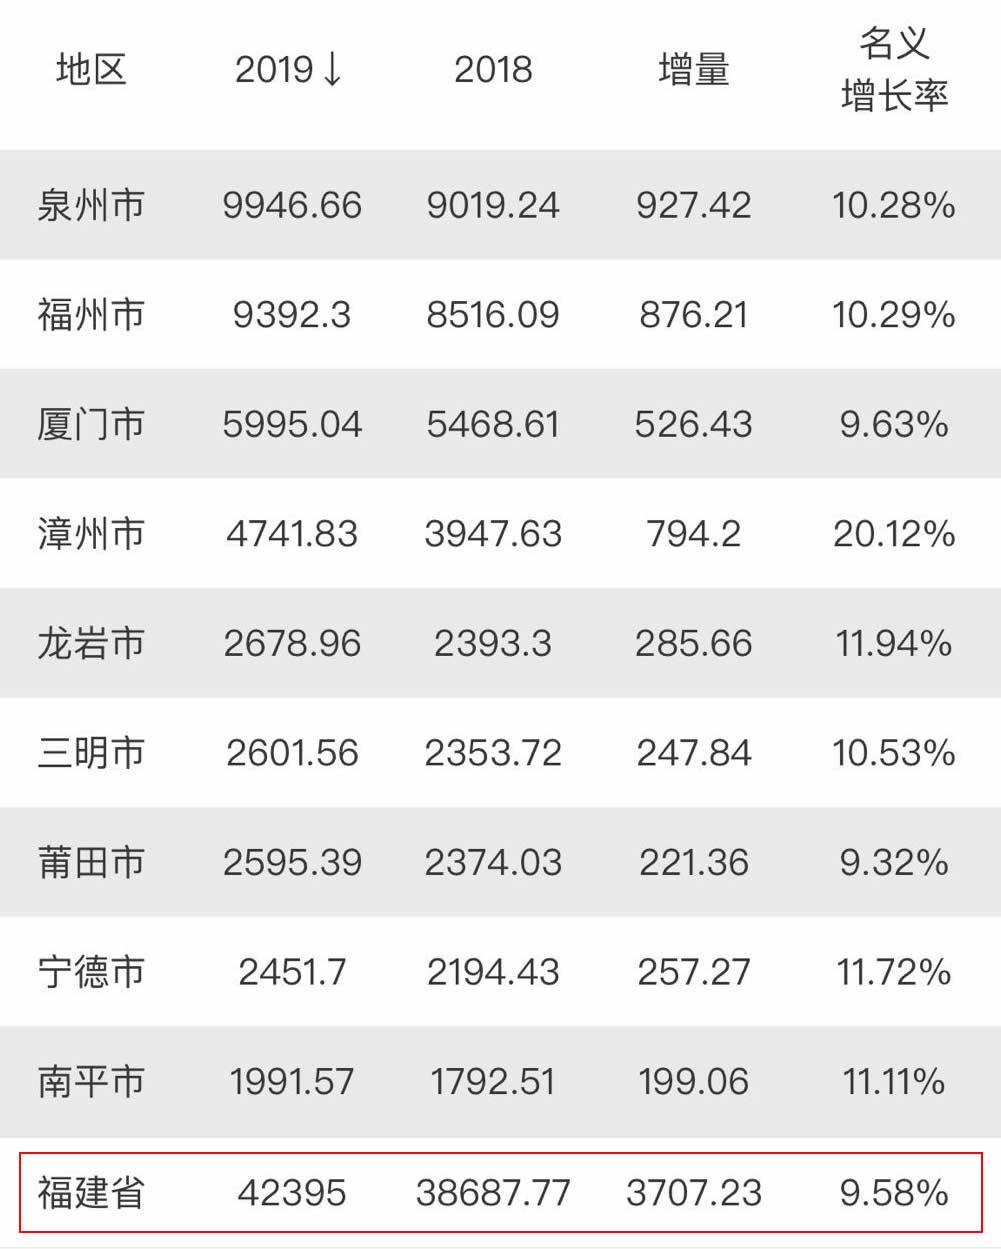 福建泉州厦门gdp排名2019_泉州gdp排名图片